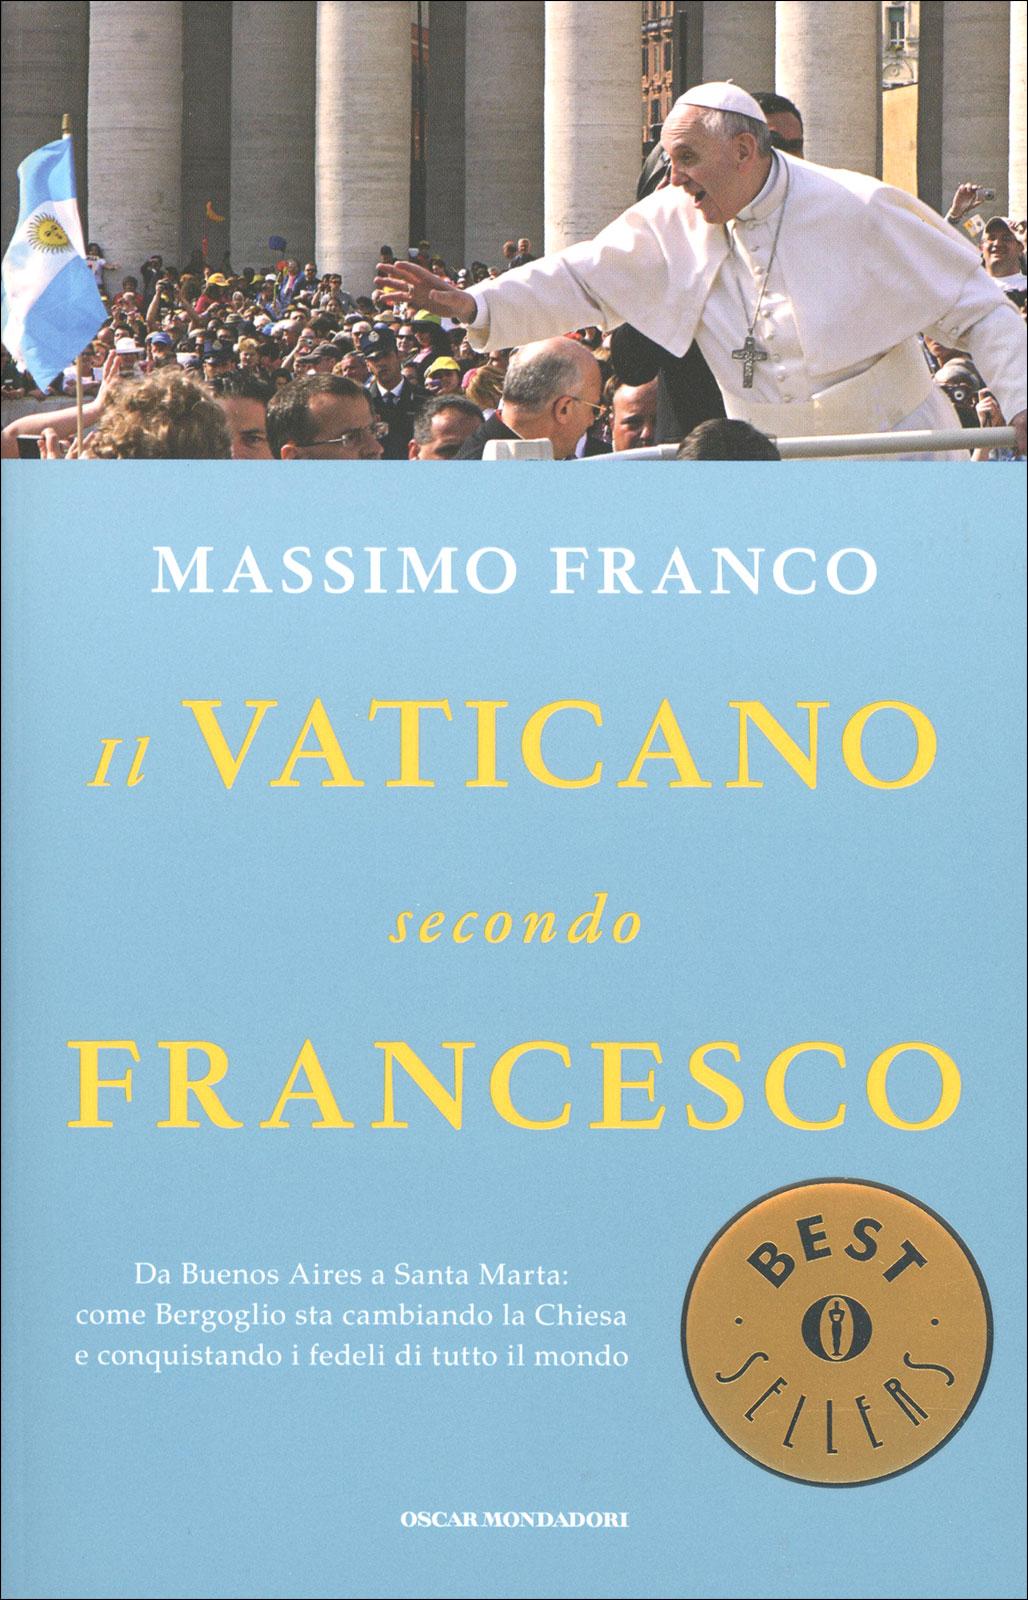 Il Vaticano Secondo Francesco Libro Di Massimo Franco